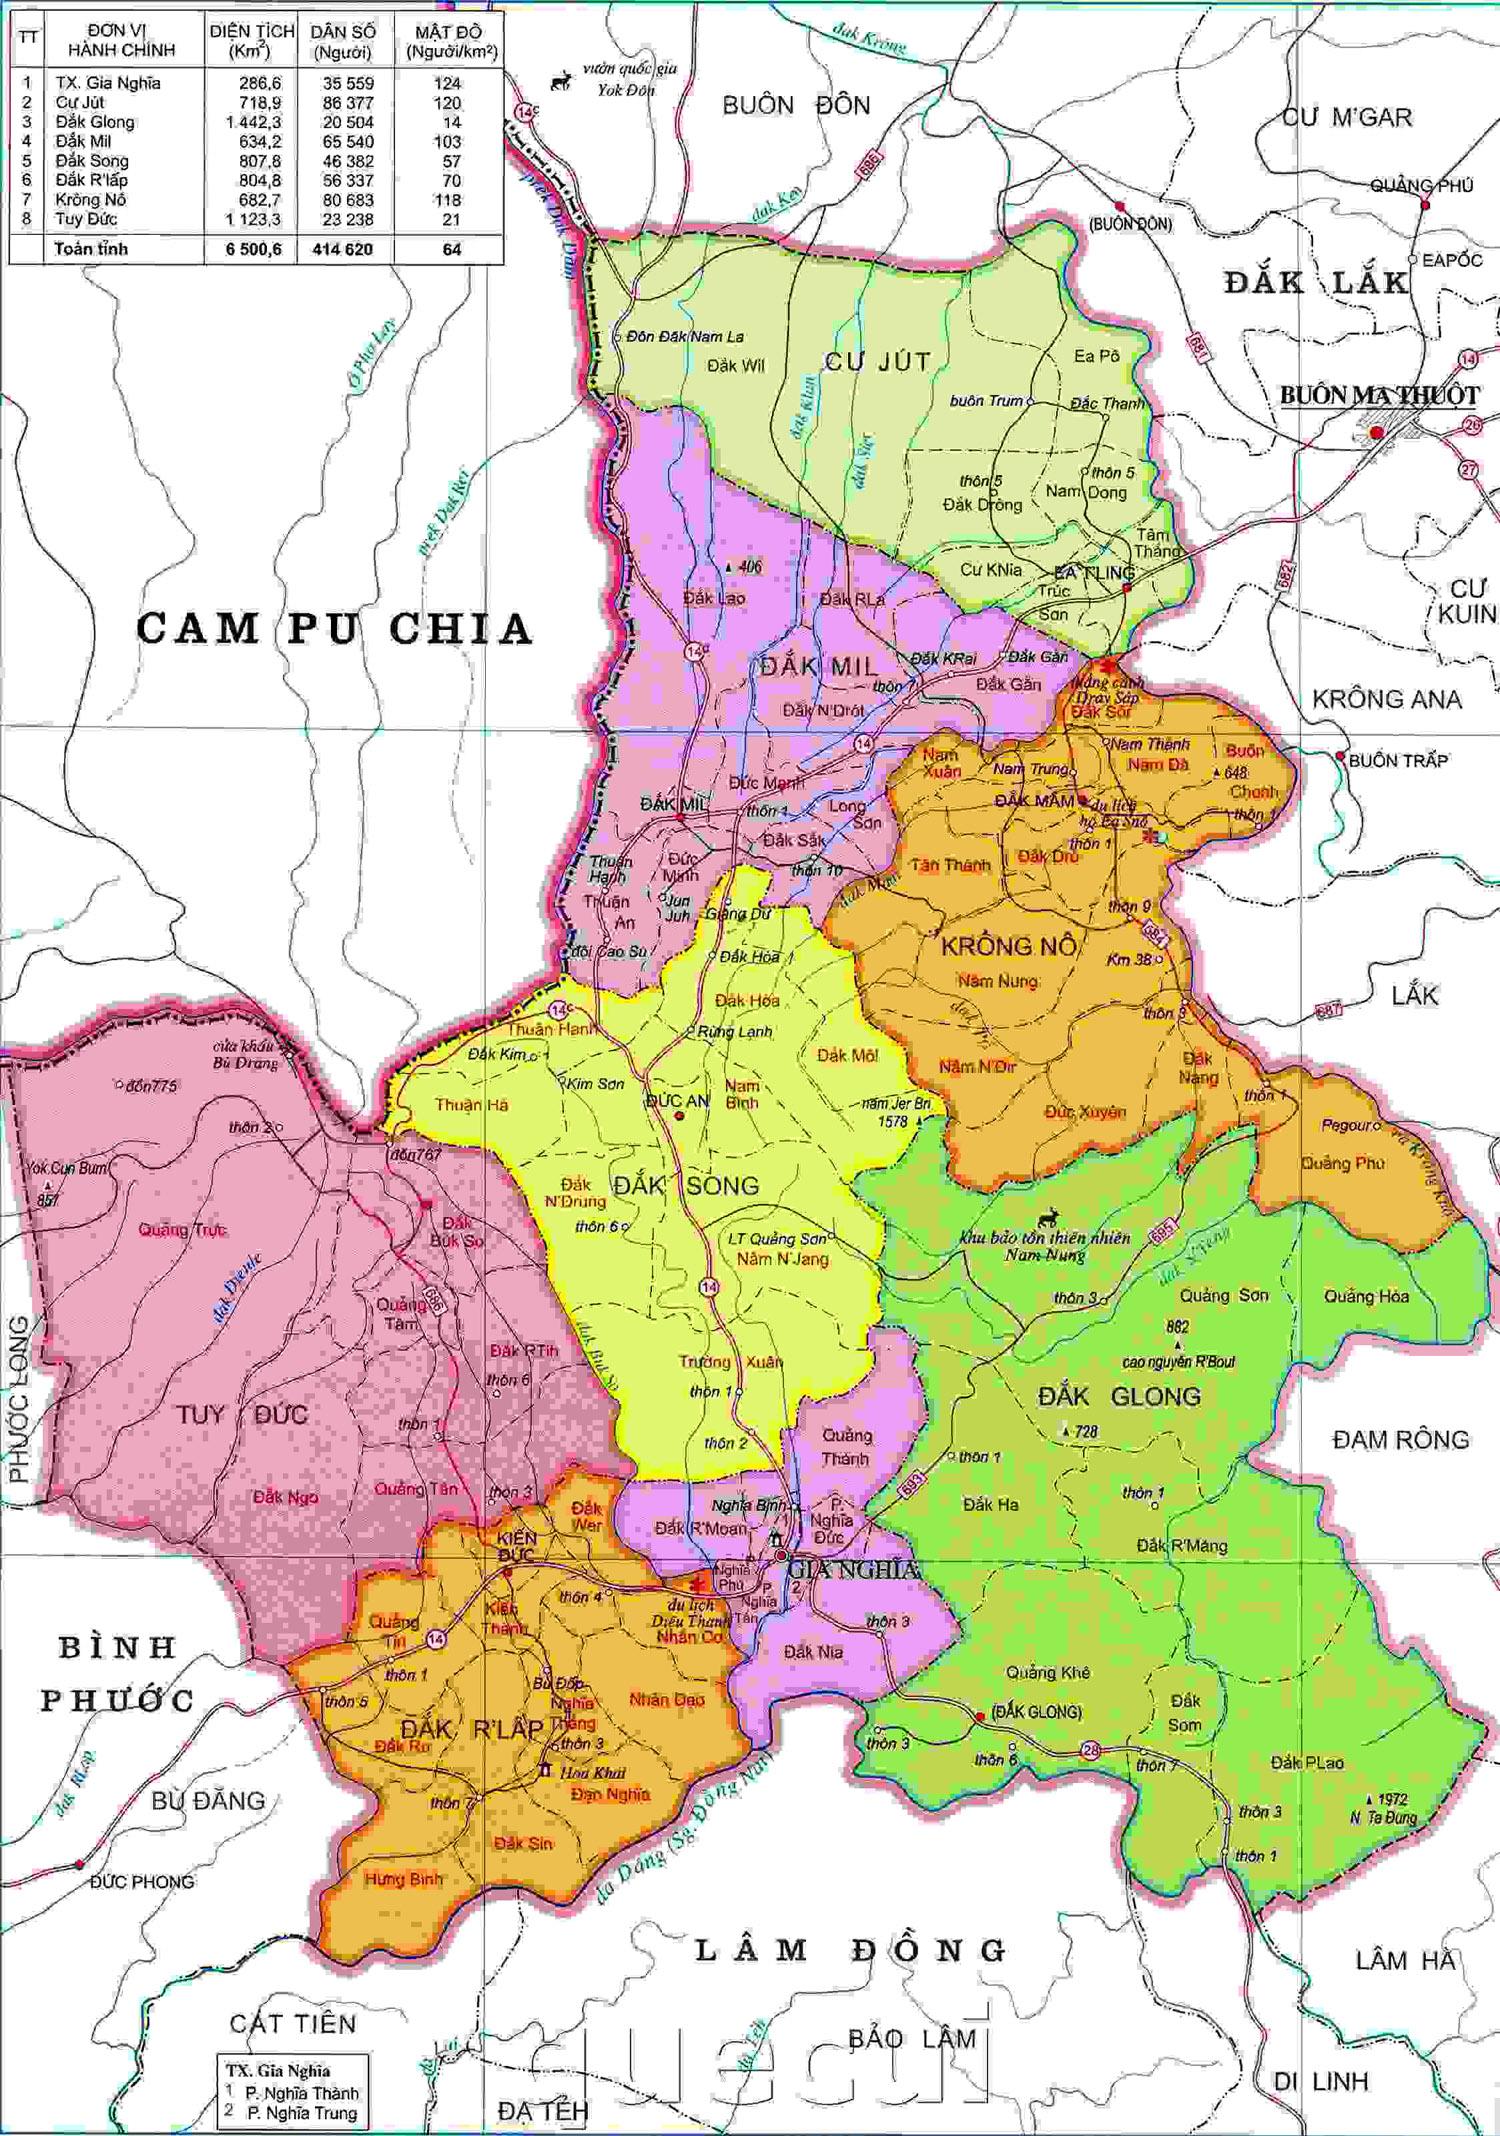 Bảng giá nhà đất Đắk Nông từ năm 2015 đến 2020 11